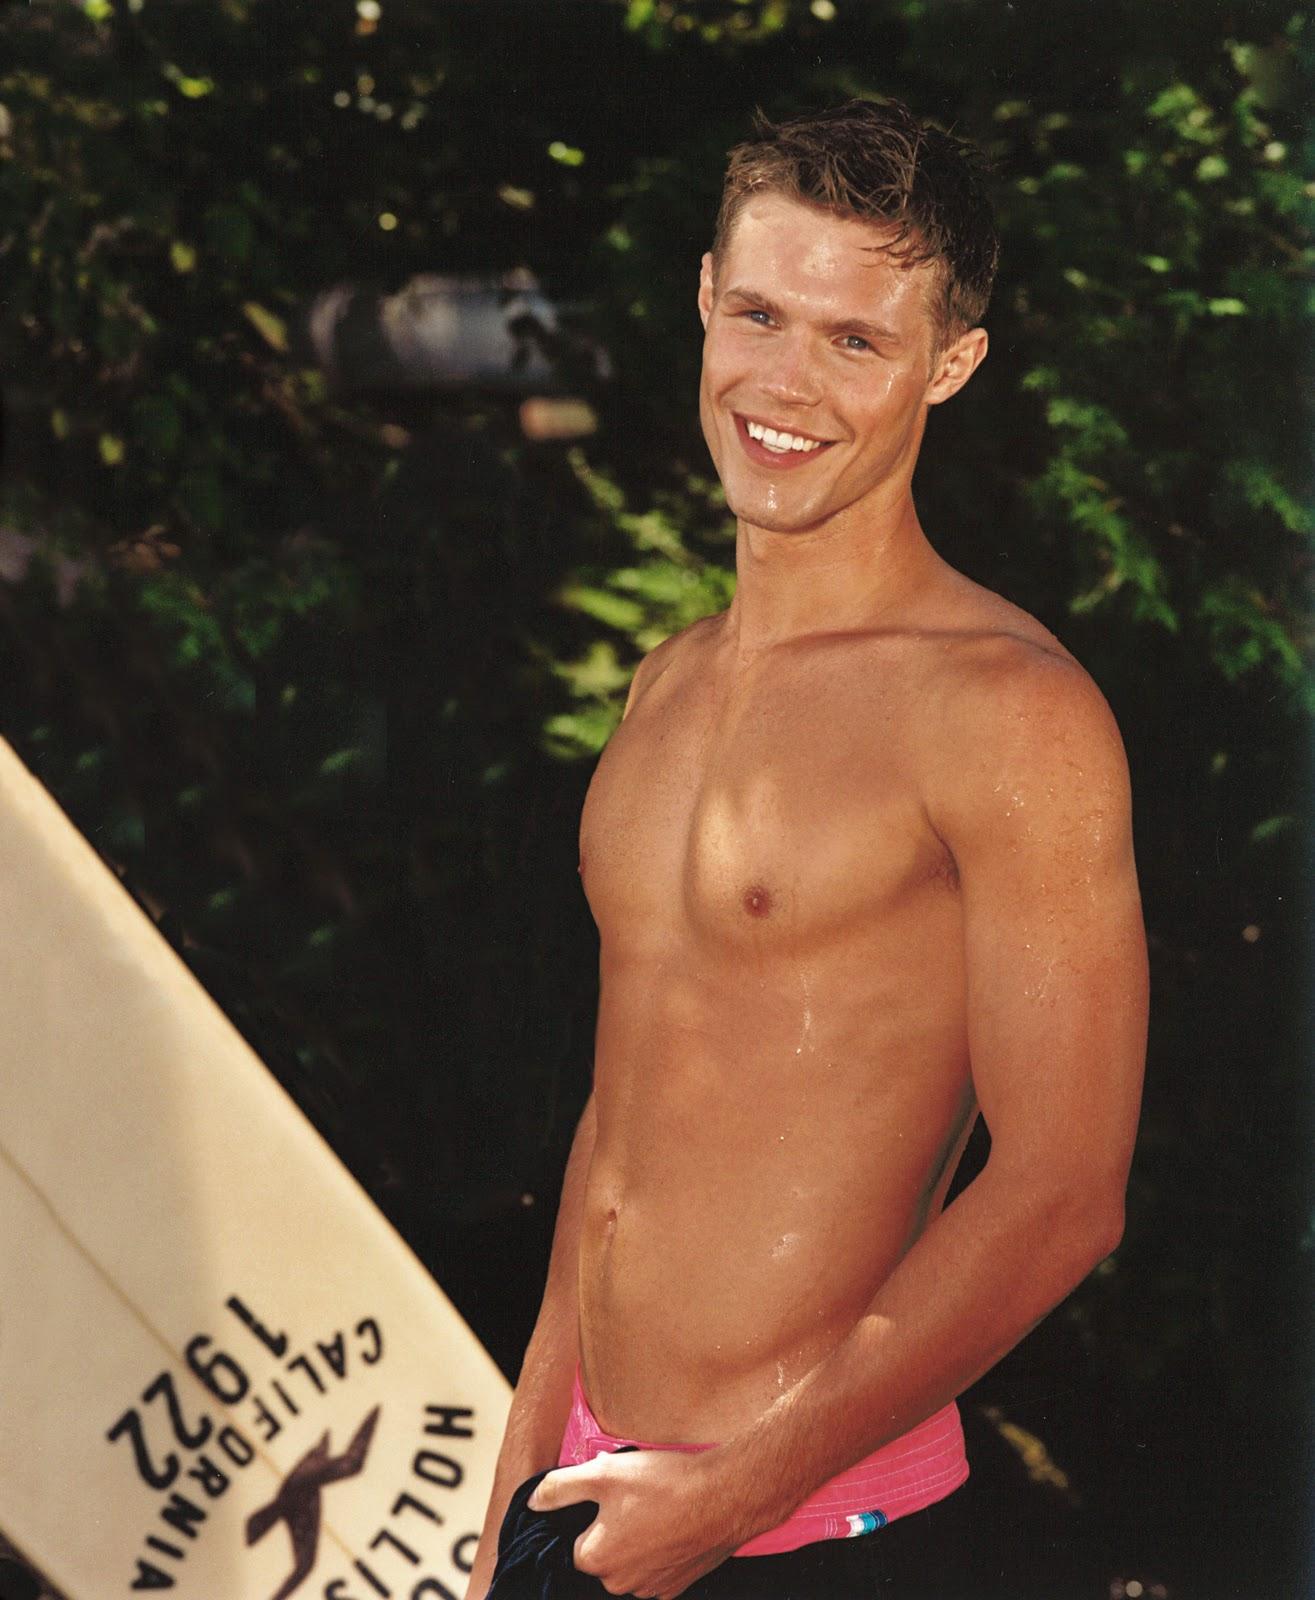 Hollister guy models 2013